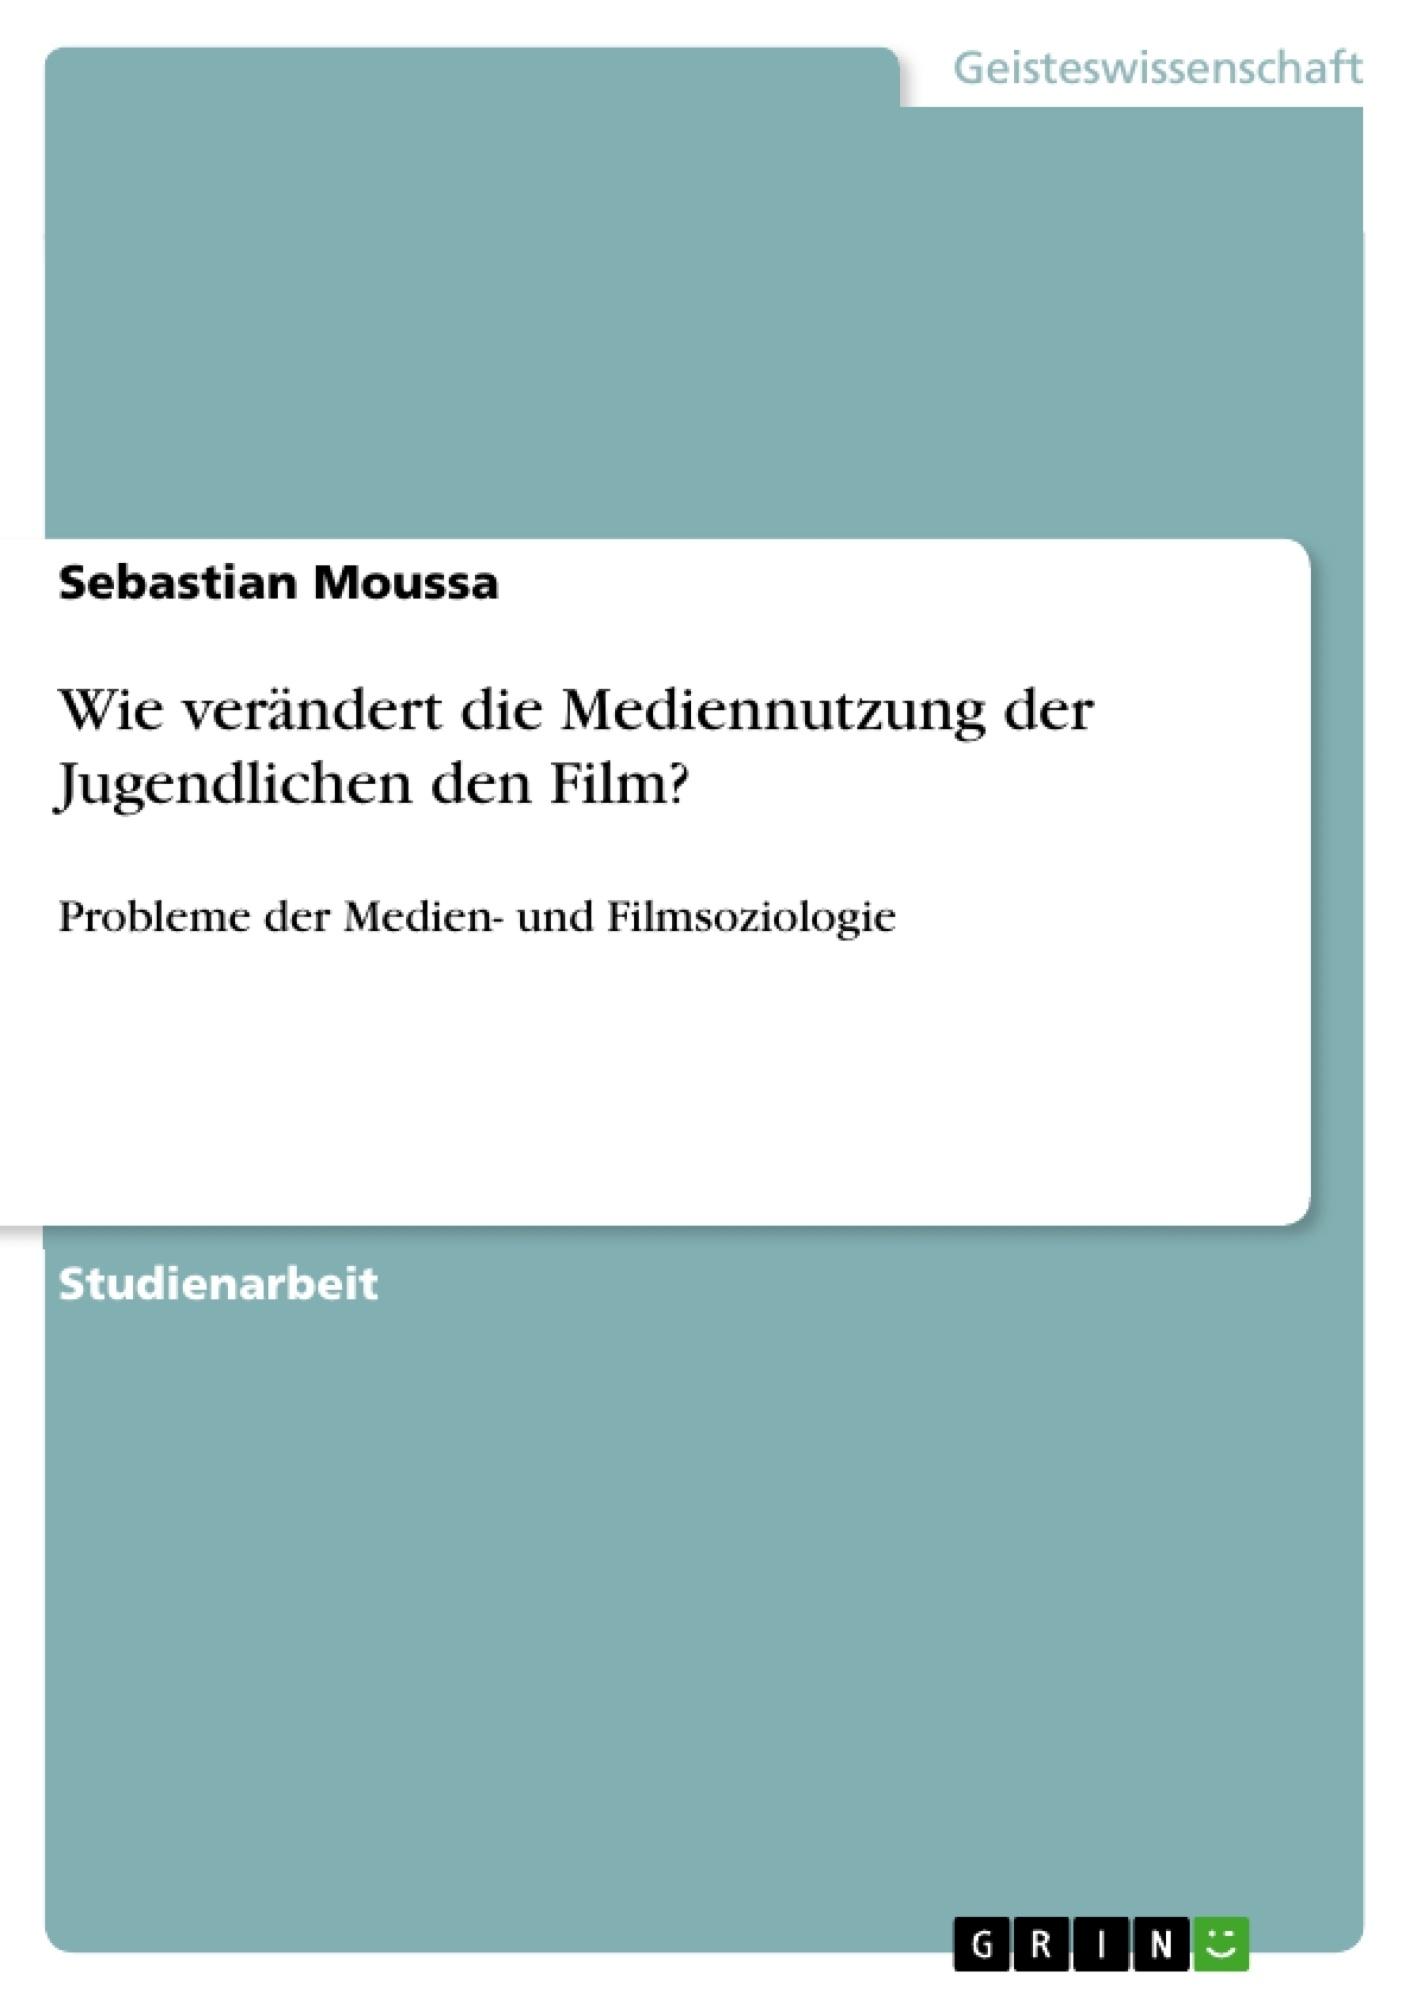 Titel: Wie verändert die Mediennutzung der Jugendlichen den Film?